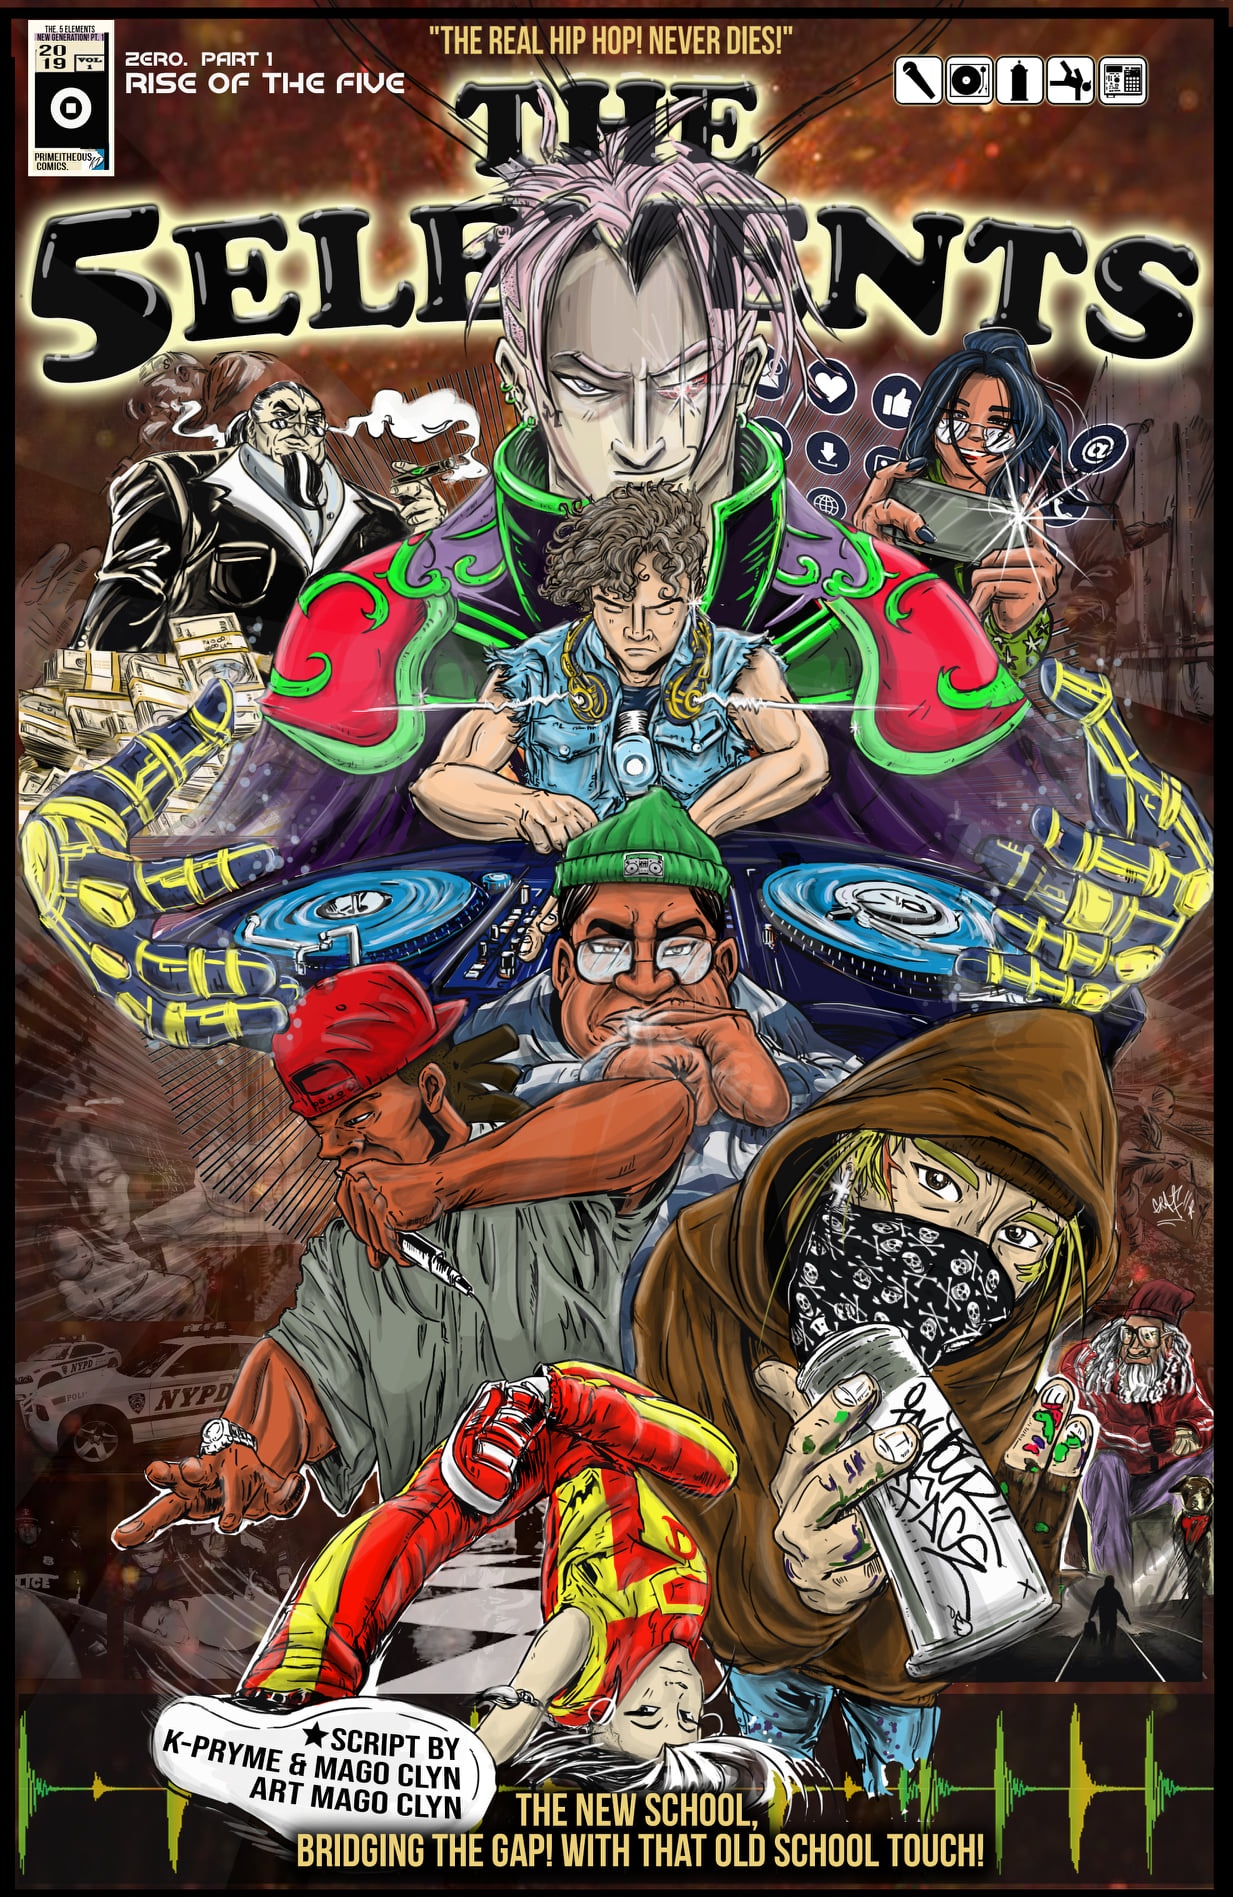 THE 5 ELEMENTS UNIVERSE, un cómic de la cultura hip hop